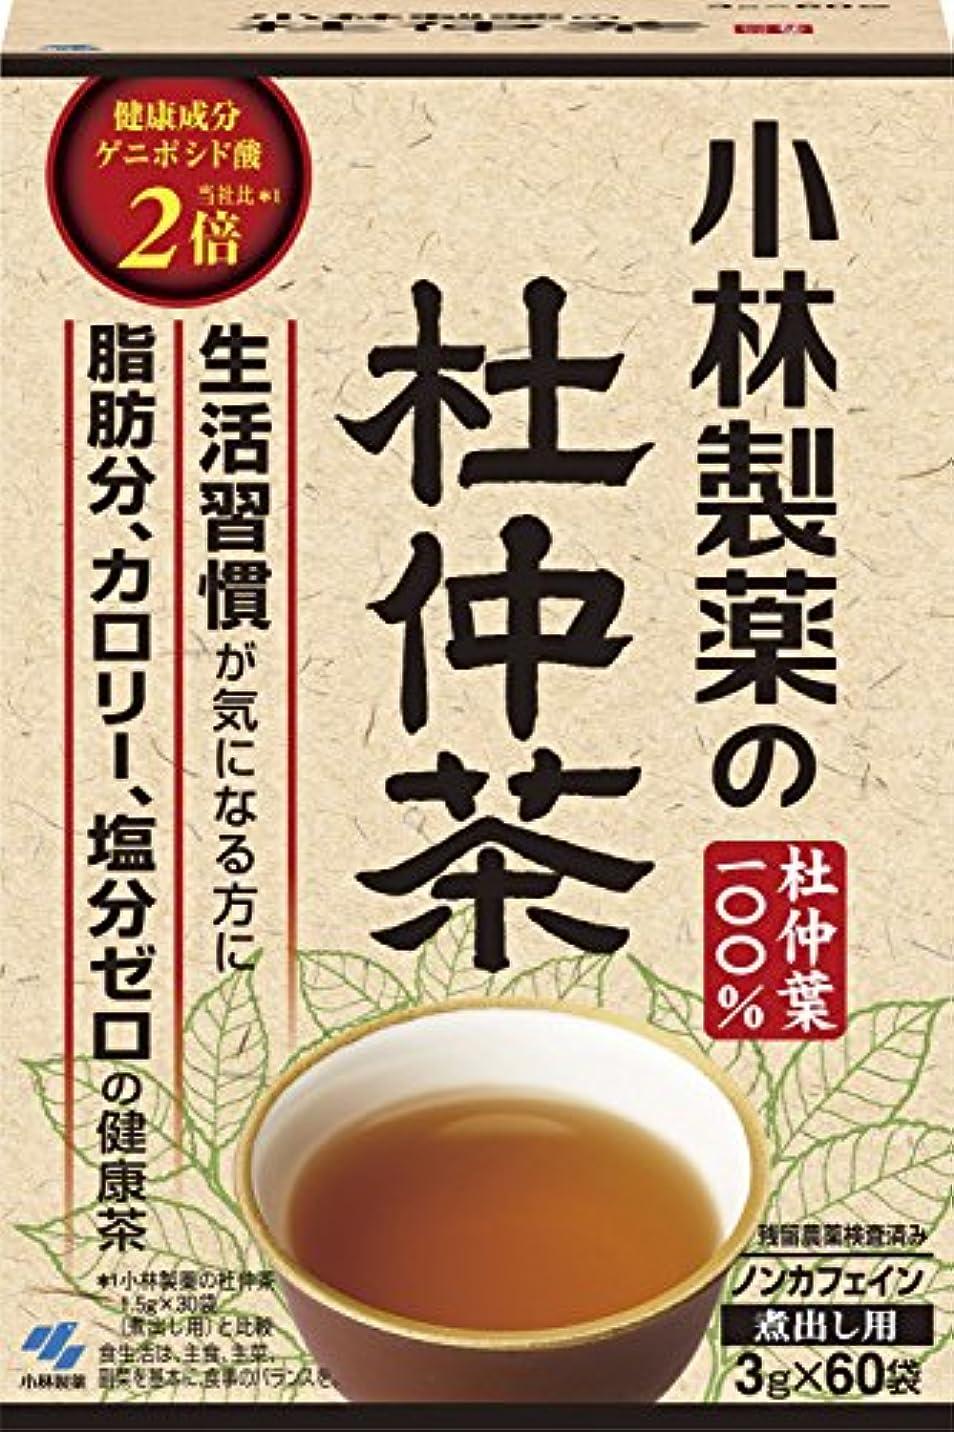 花婿かすれた力小林製薬の杜仲茶 3g×60袋